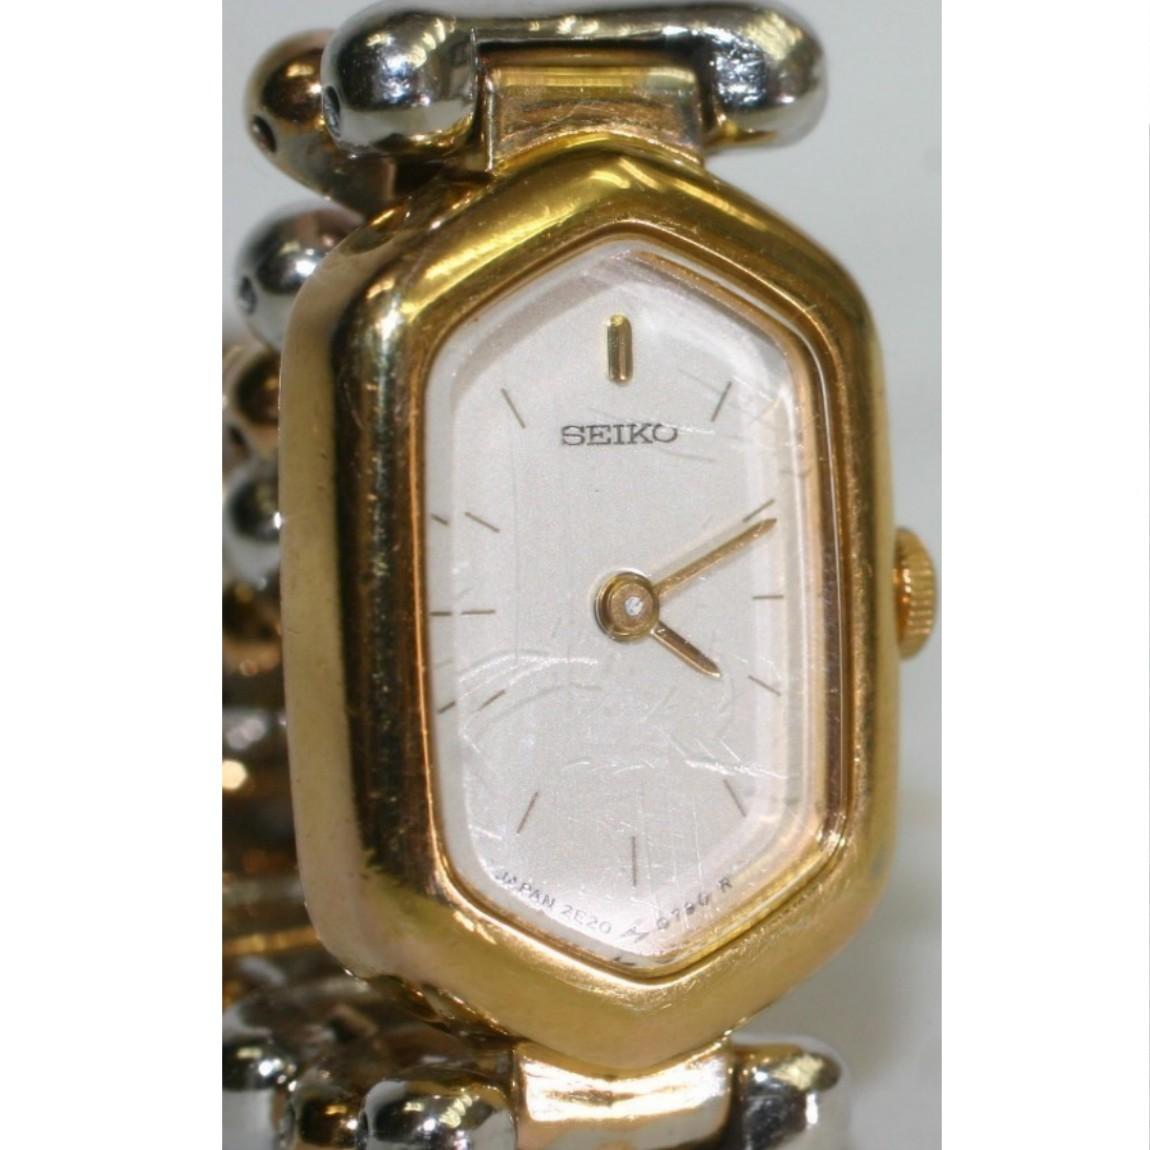 【中古】完動美品セイコー女性用コンビのお洒落な時計2E20-502A 1ヶ月保障付